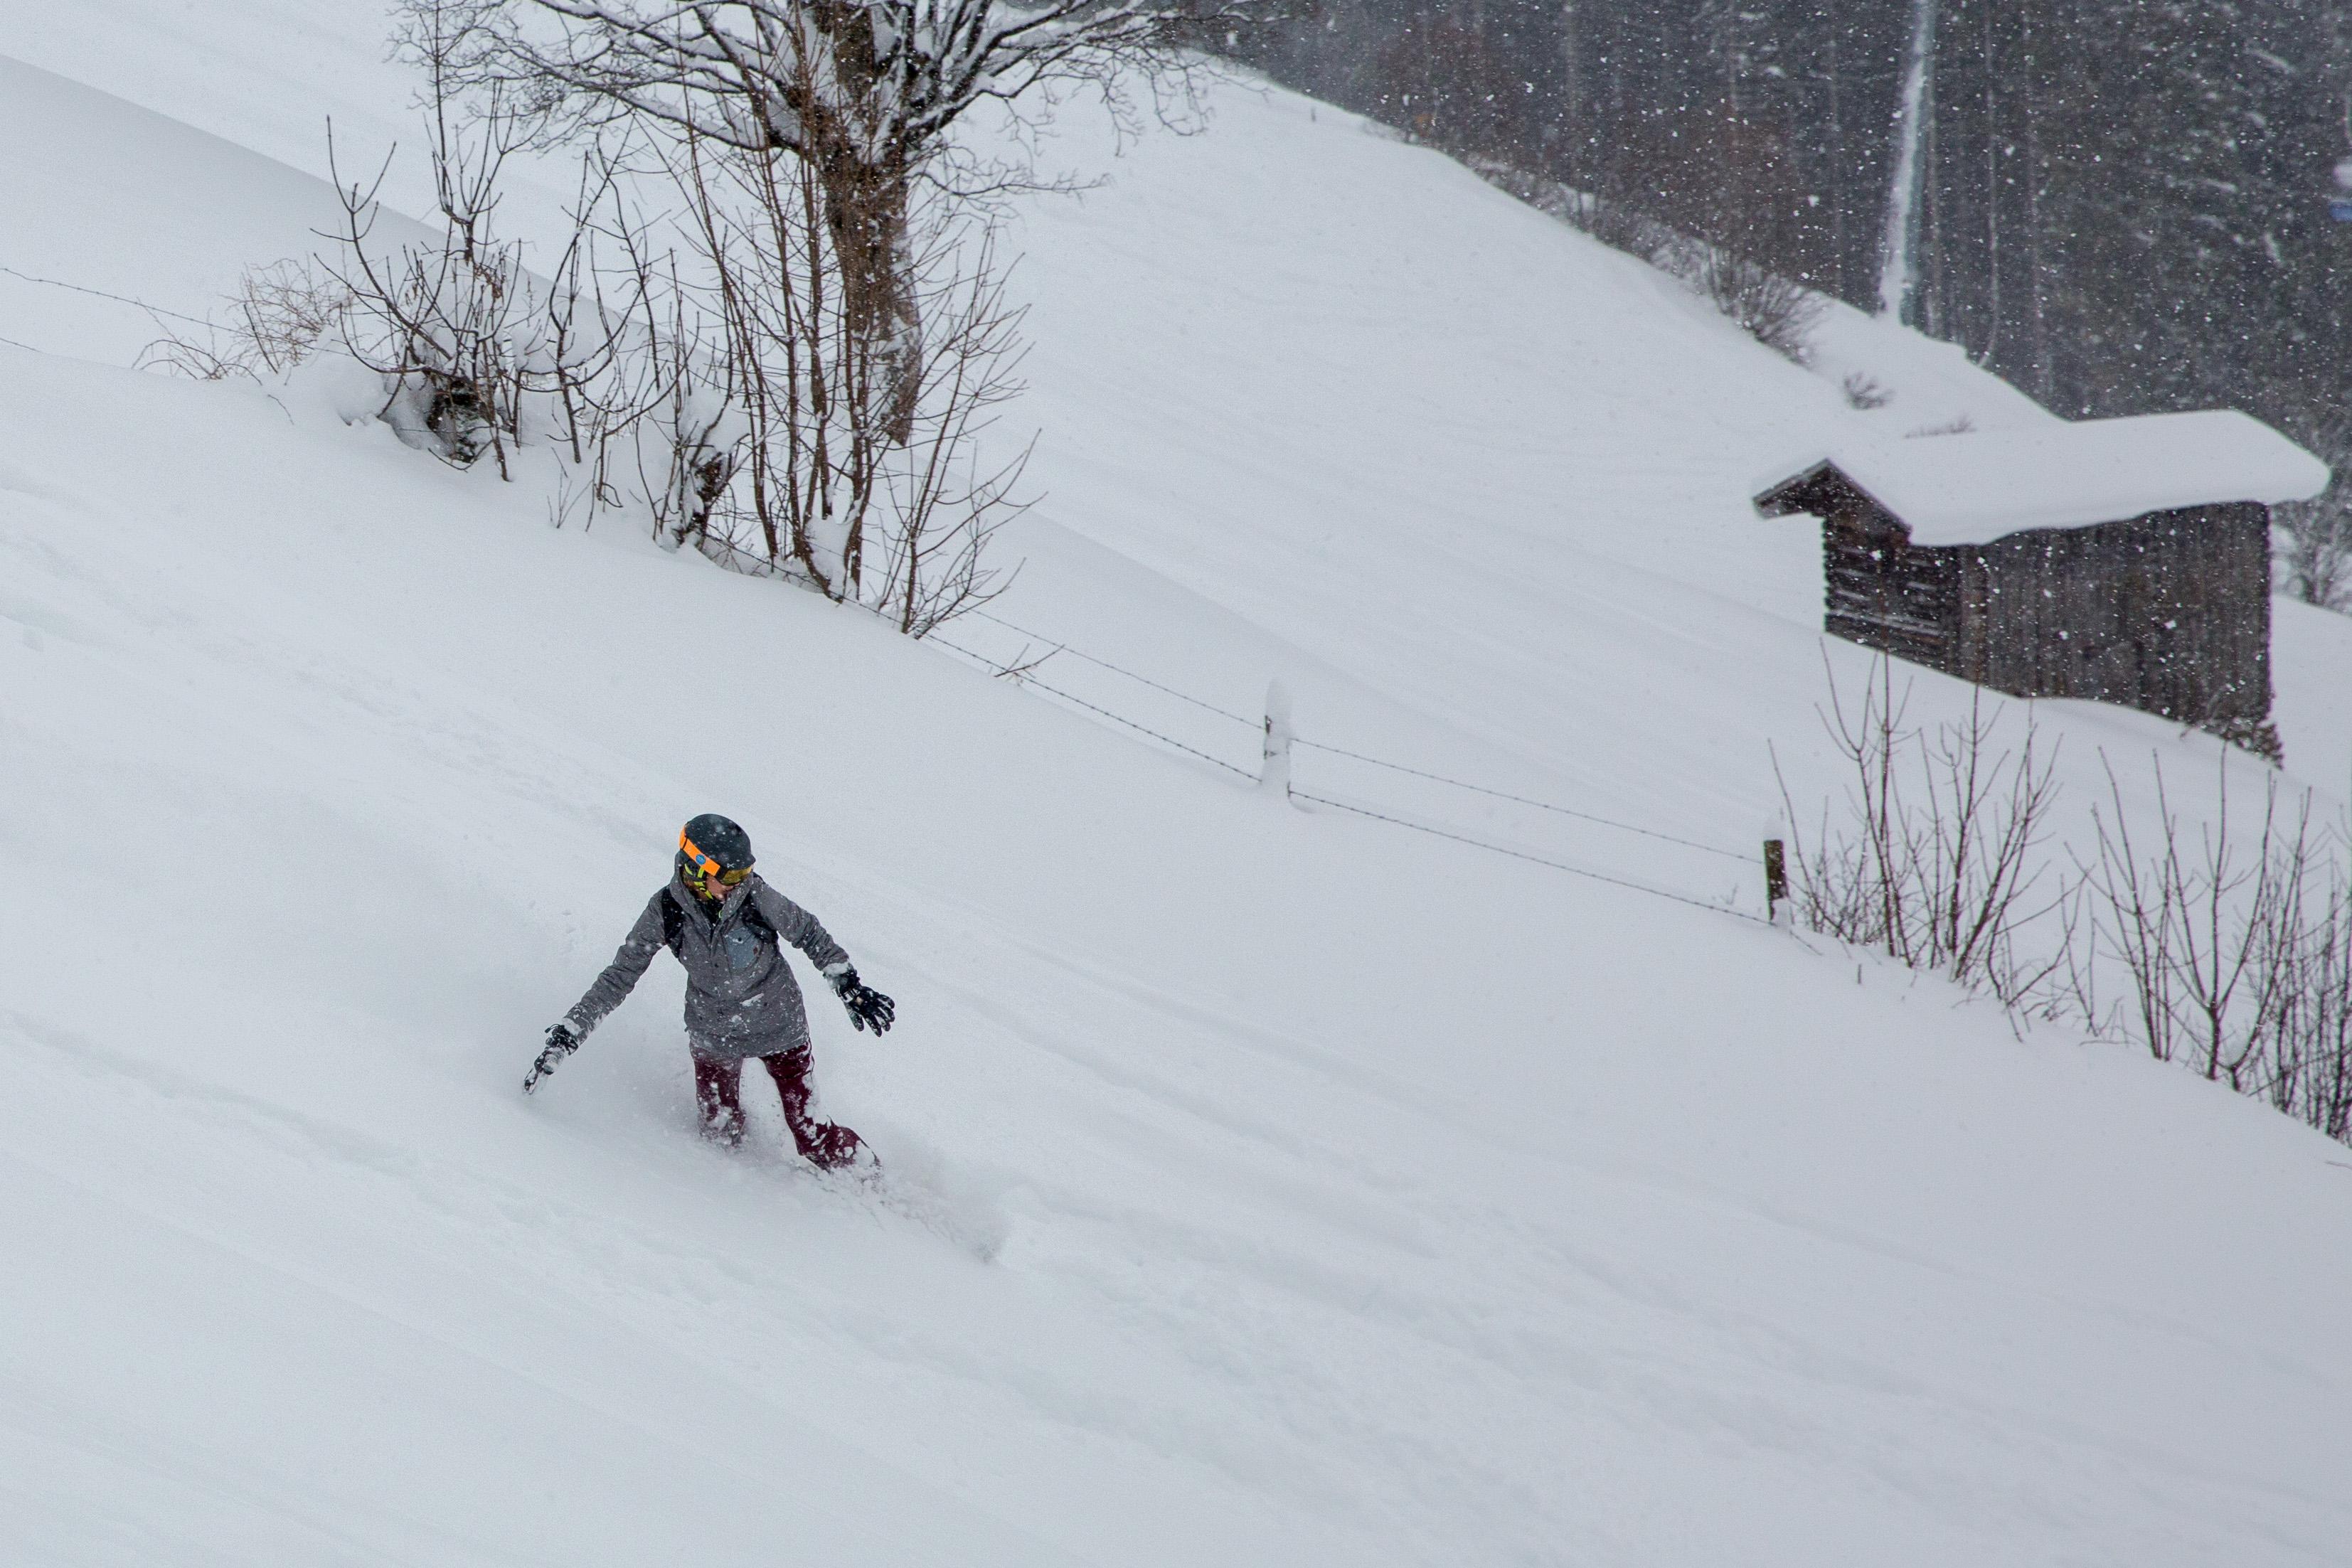 zillertal, oostenrijk, wintersport, snowboarden, valley ralley